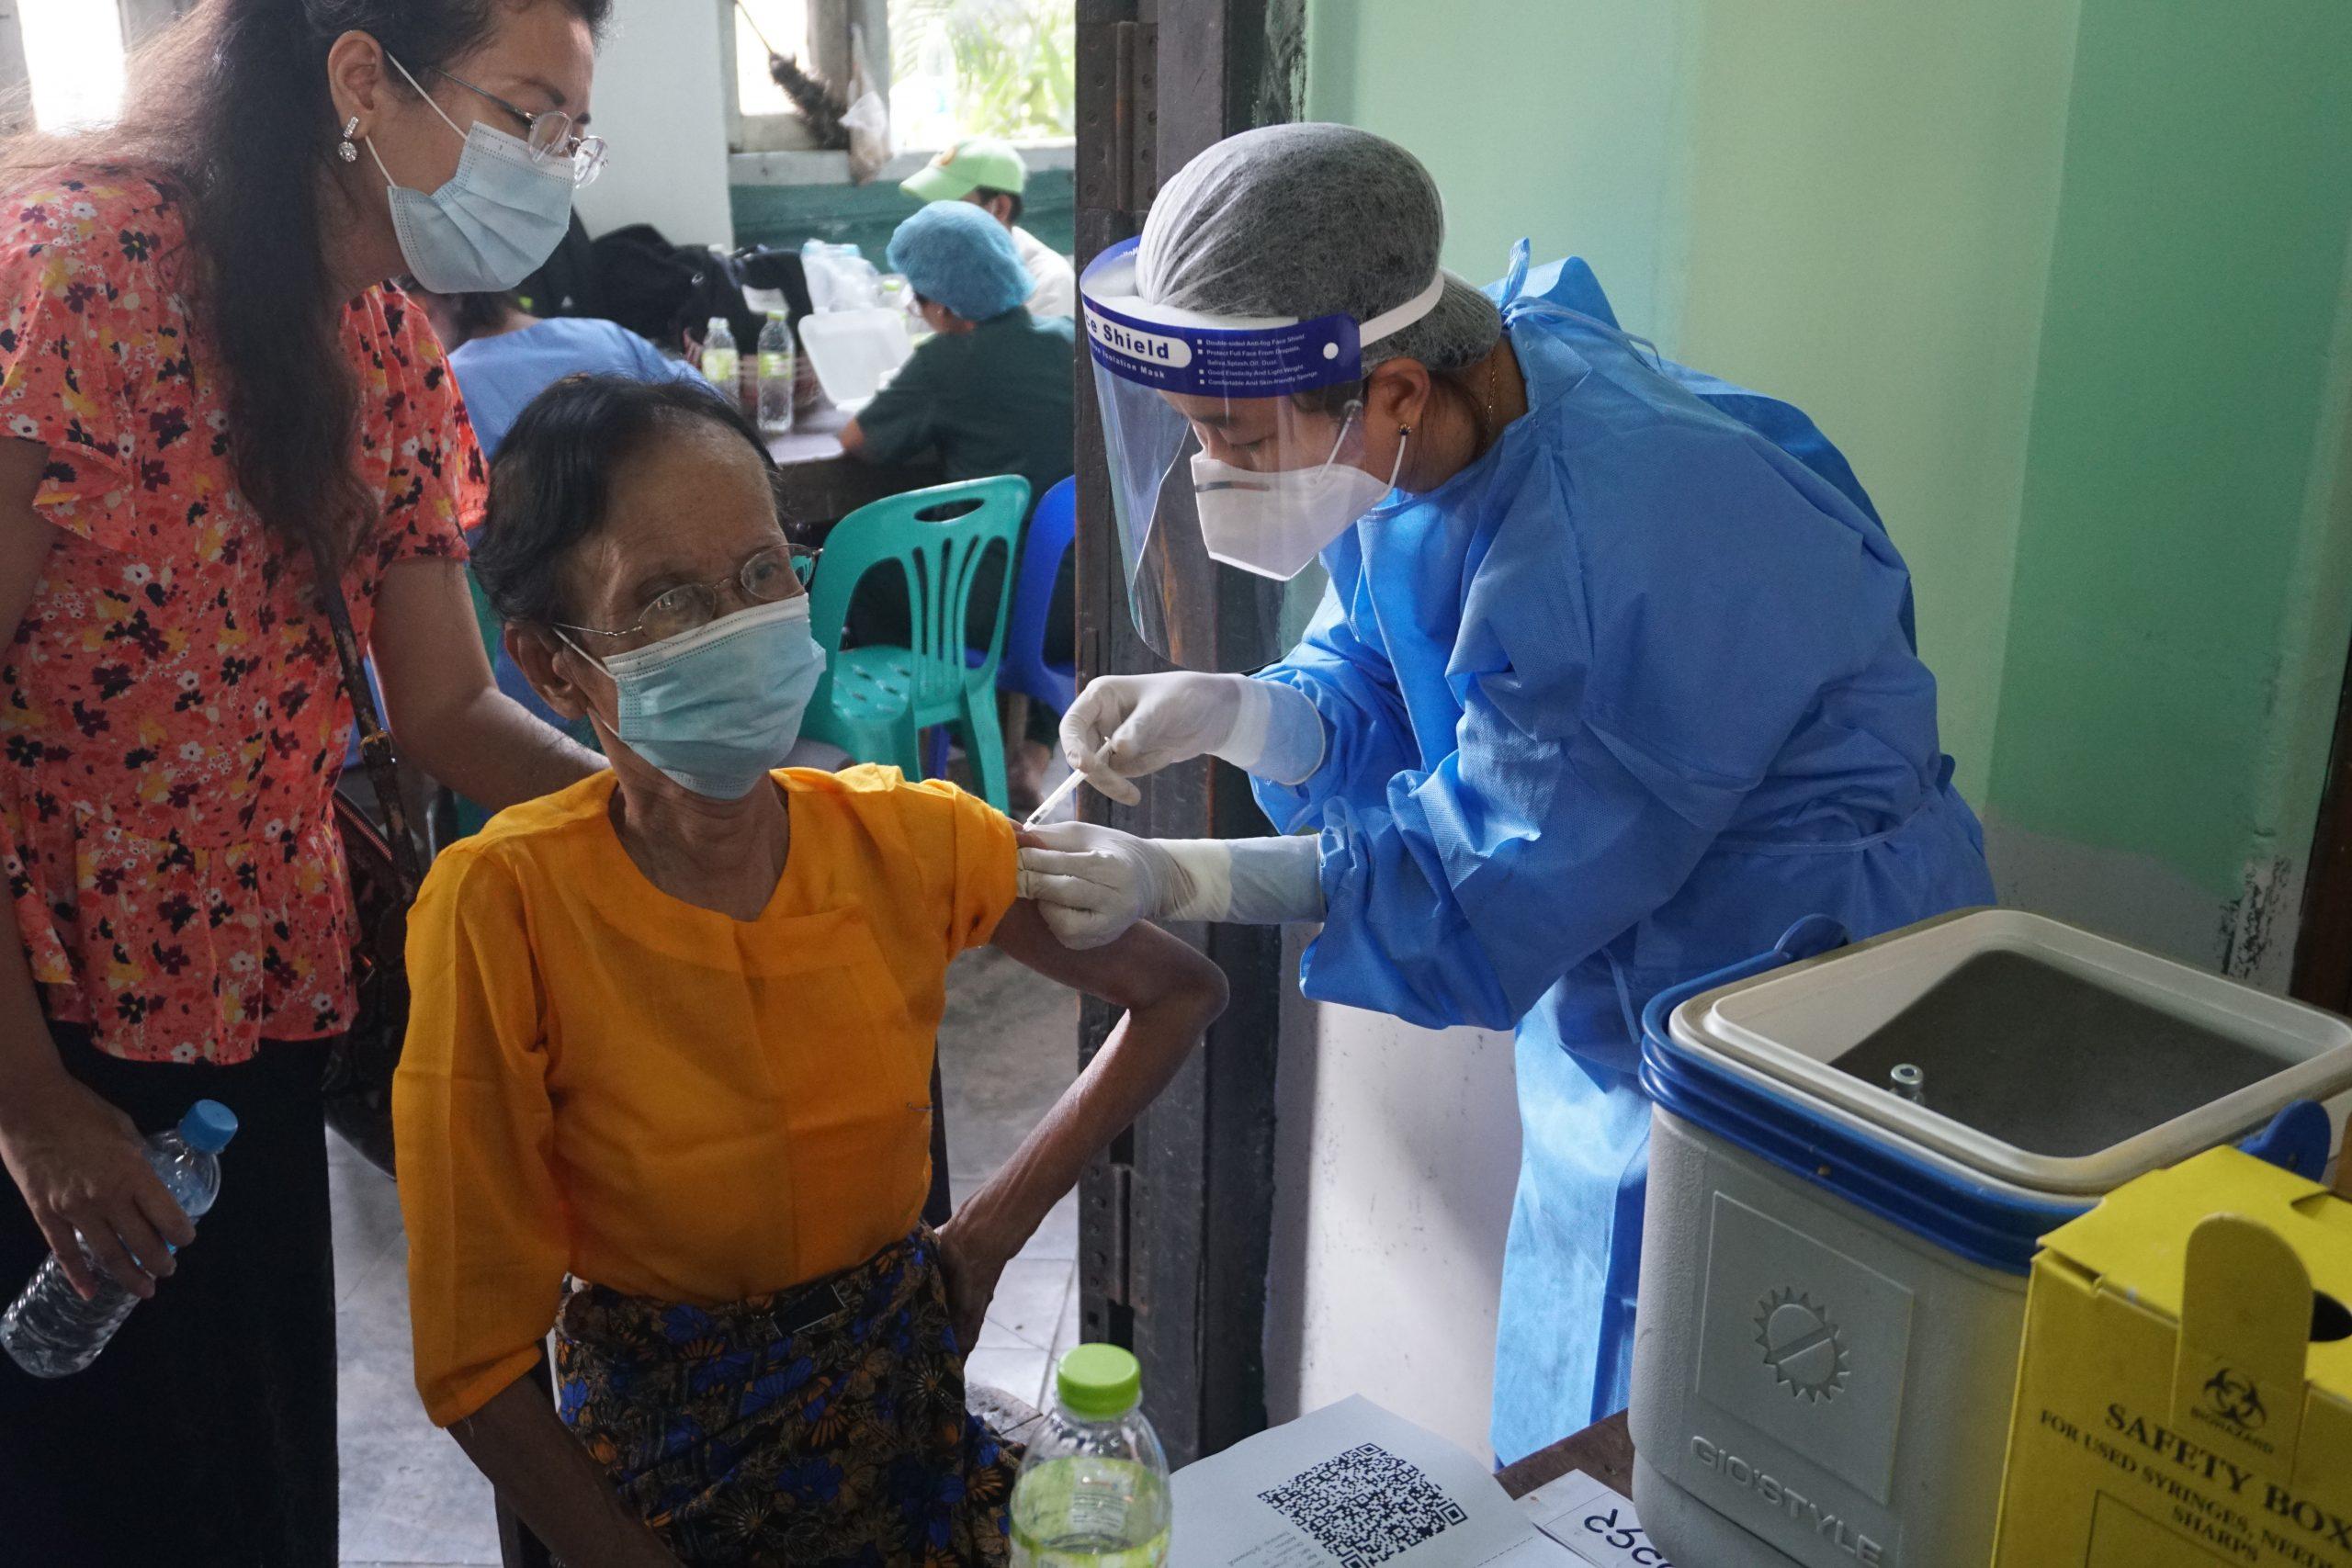 ယနေ့၊ ရန်ကုန်တိုင်းဒေသကြီးအတွင်း သက်ကြီးရွယ်အိုတစ်ဦးအား ကိုဗစ်-၁၉ကာကွယ်ဆေး စတင်ထိုးနှံပေးနေစဉ်။ (ဓာတ်ပုံ | ဖရွန်းတီးယားမြန်မာ)